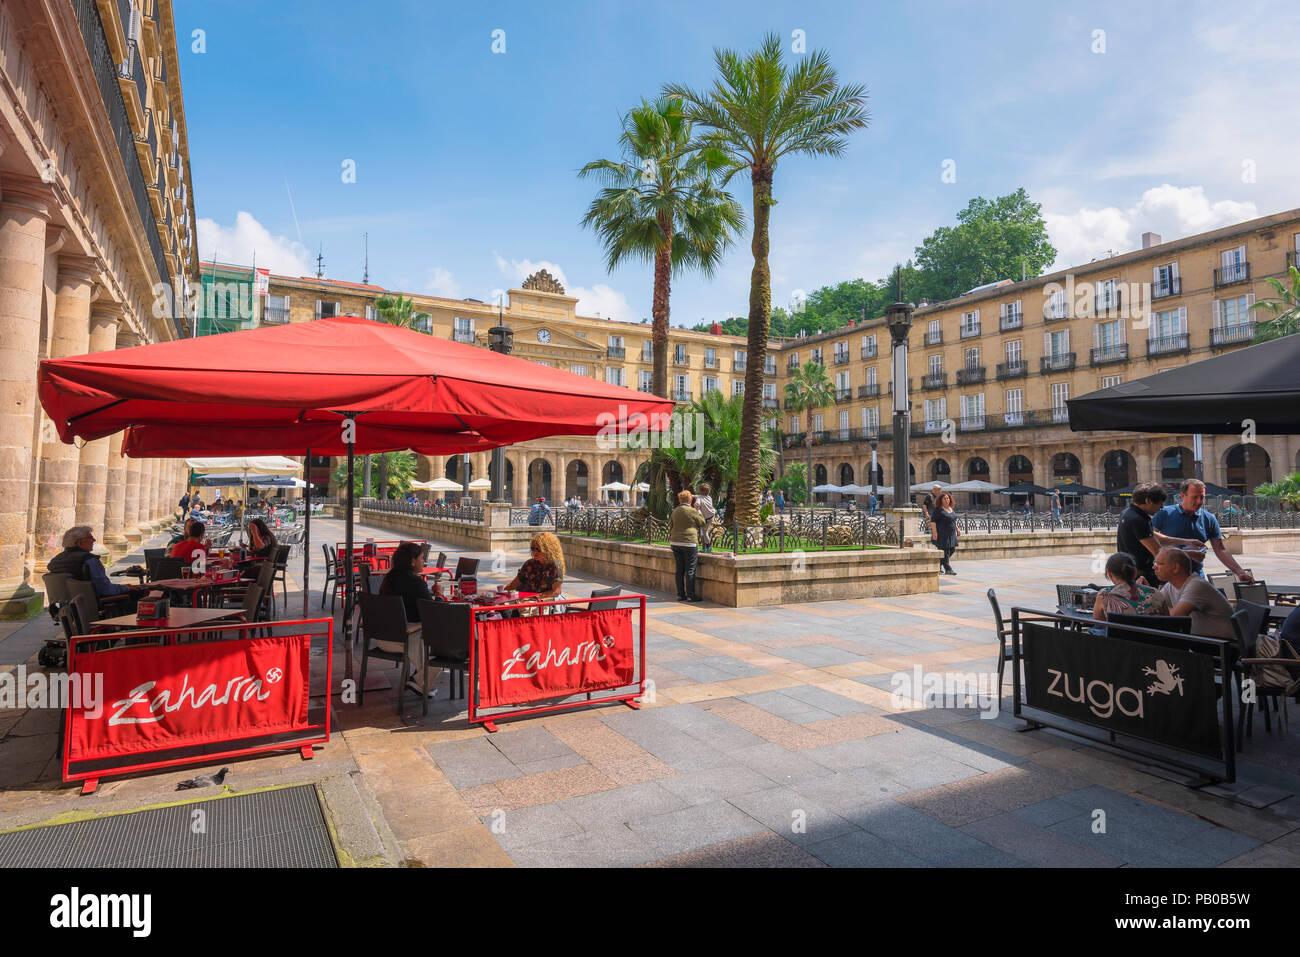 Bilbao Plaza Nueva, vista di persone sedute a terrazze dei bar in Plaza Nueva nella Città Vecchia (Casco Vieja) zona di Bilbao, Spagna. Immagini Stock